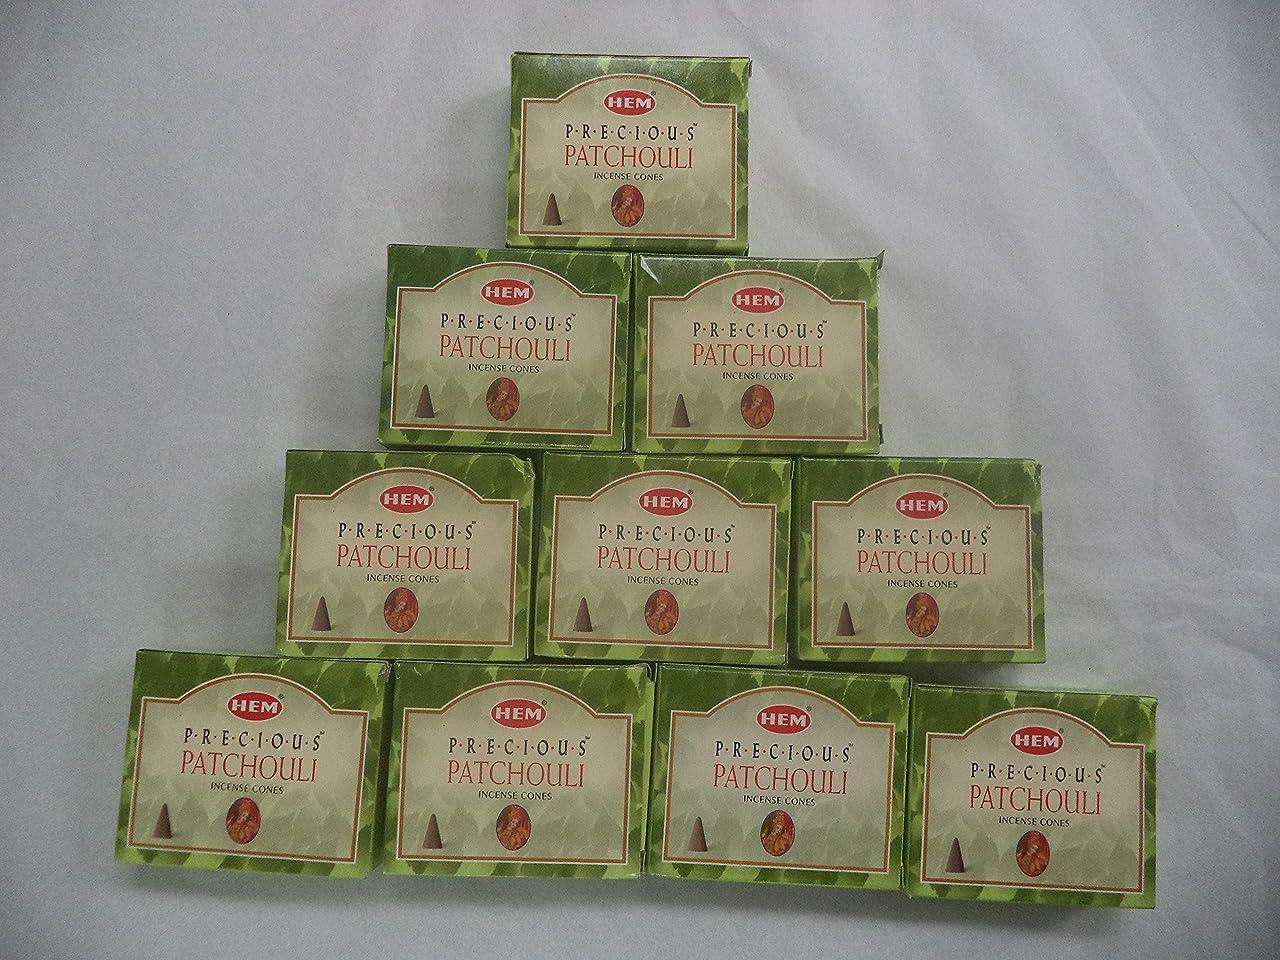 牛究極の上向きHEM Incense Cones: Precious Patchouli - 10 Packs of 10 = 100 Cones by Hem